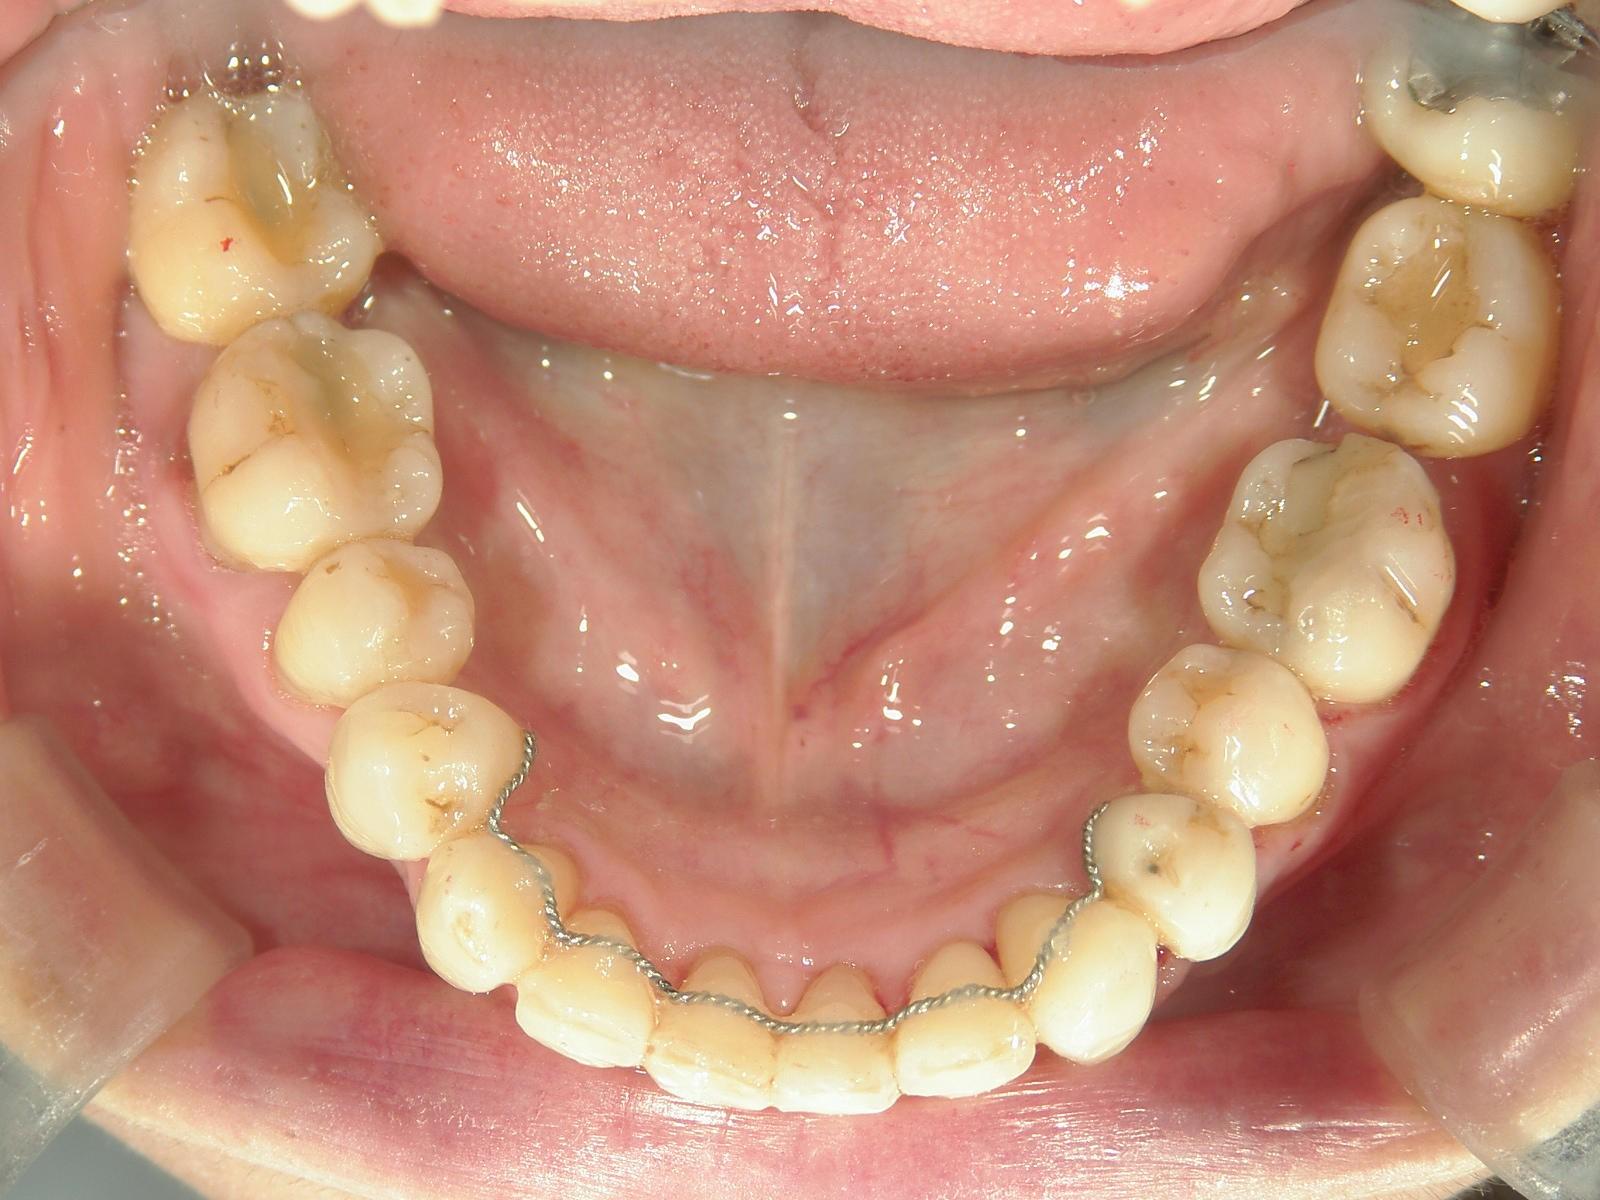 全顎ワイヤー矯正 症例(35)